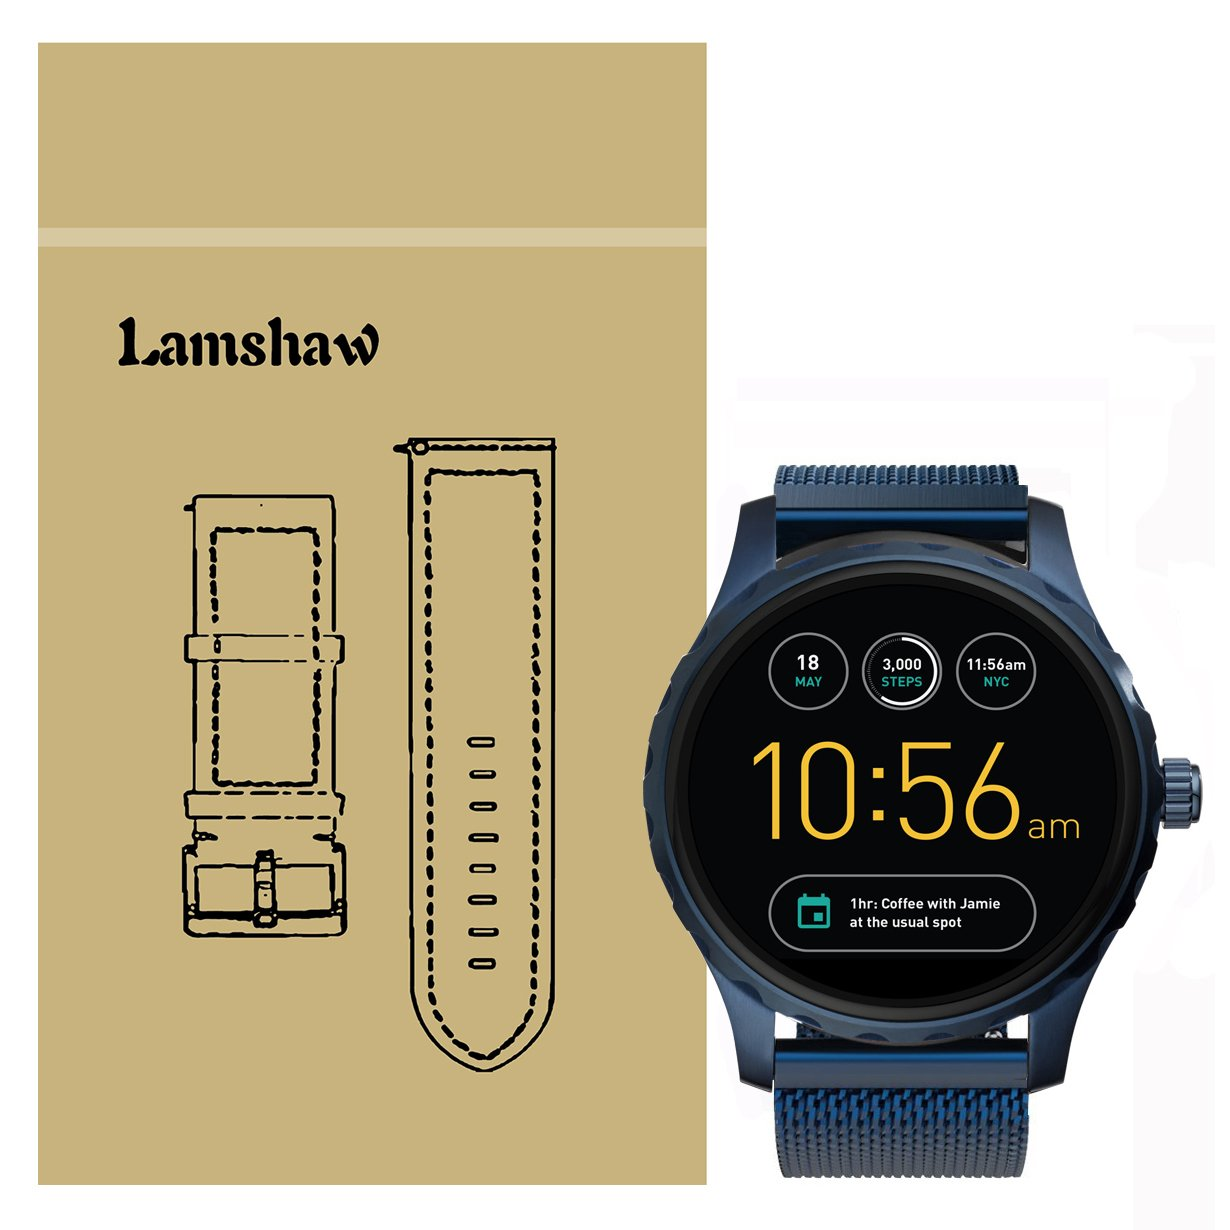 090665ec70ee Ceston - Pulsera clásica para reloj Fossil Q Marshal Smartwatch  Amazon.es   Electrónica